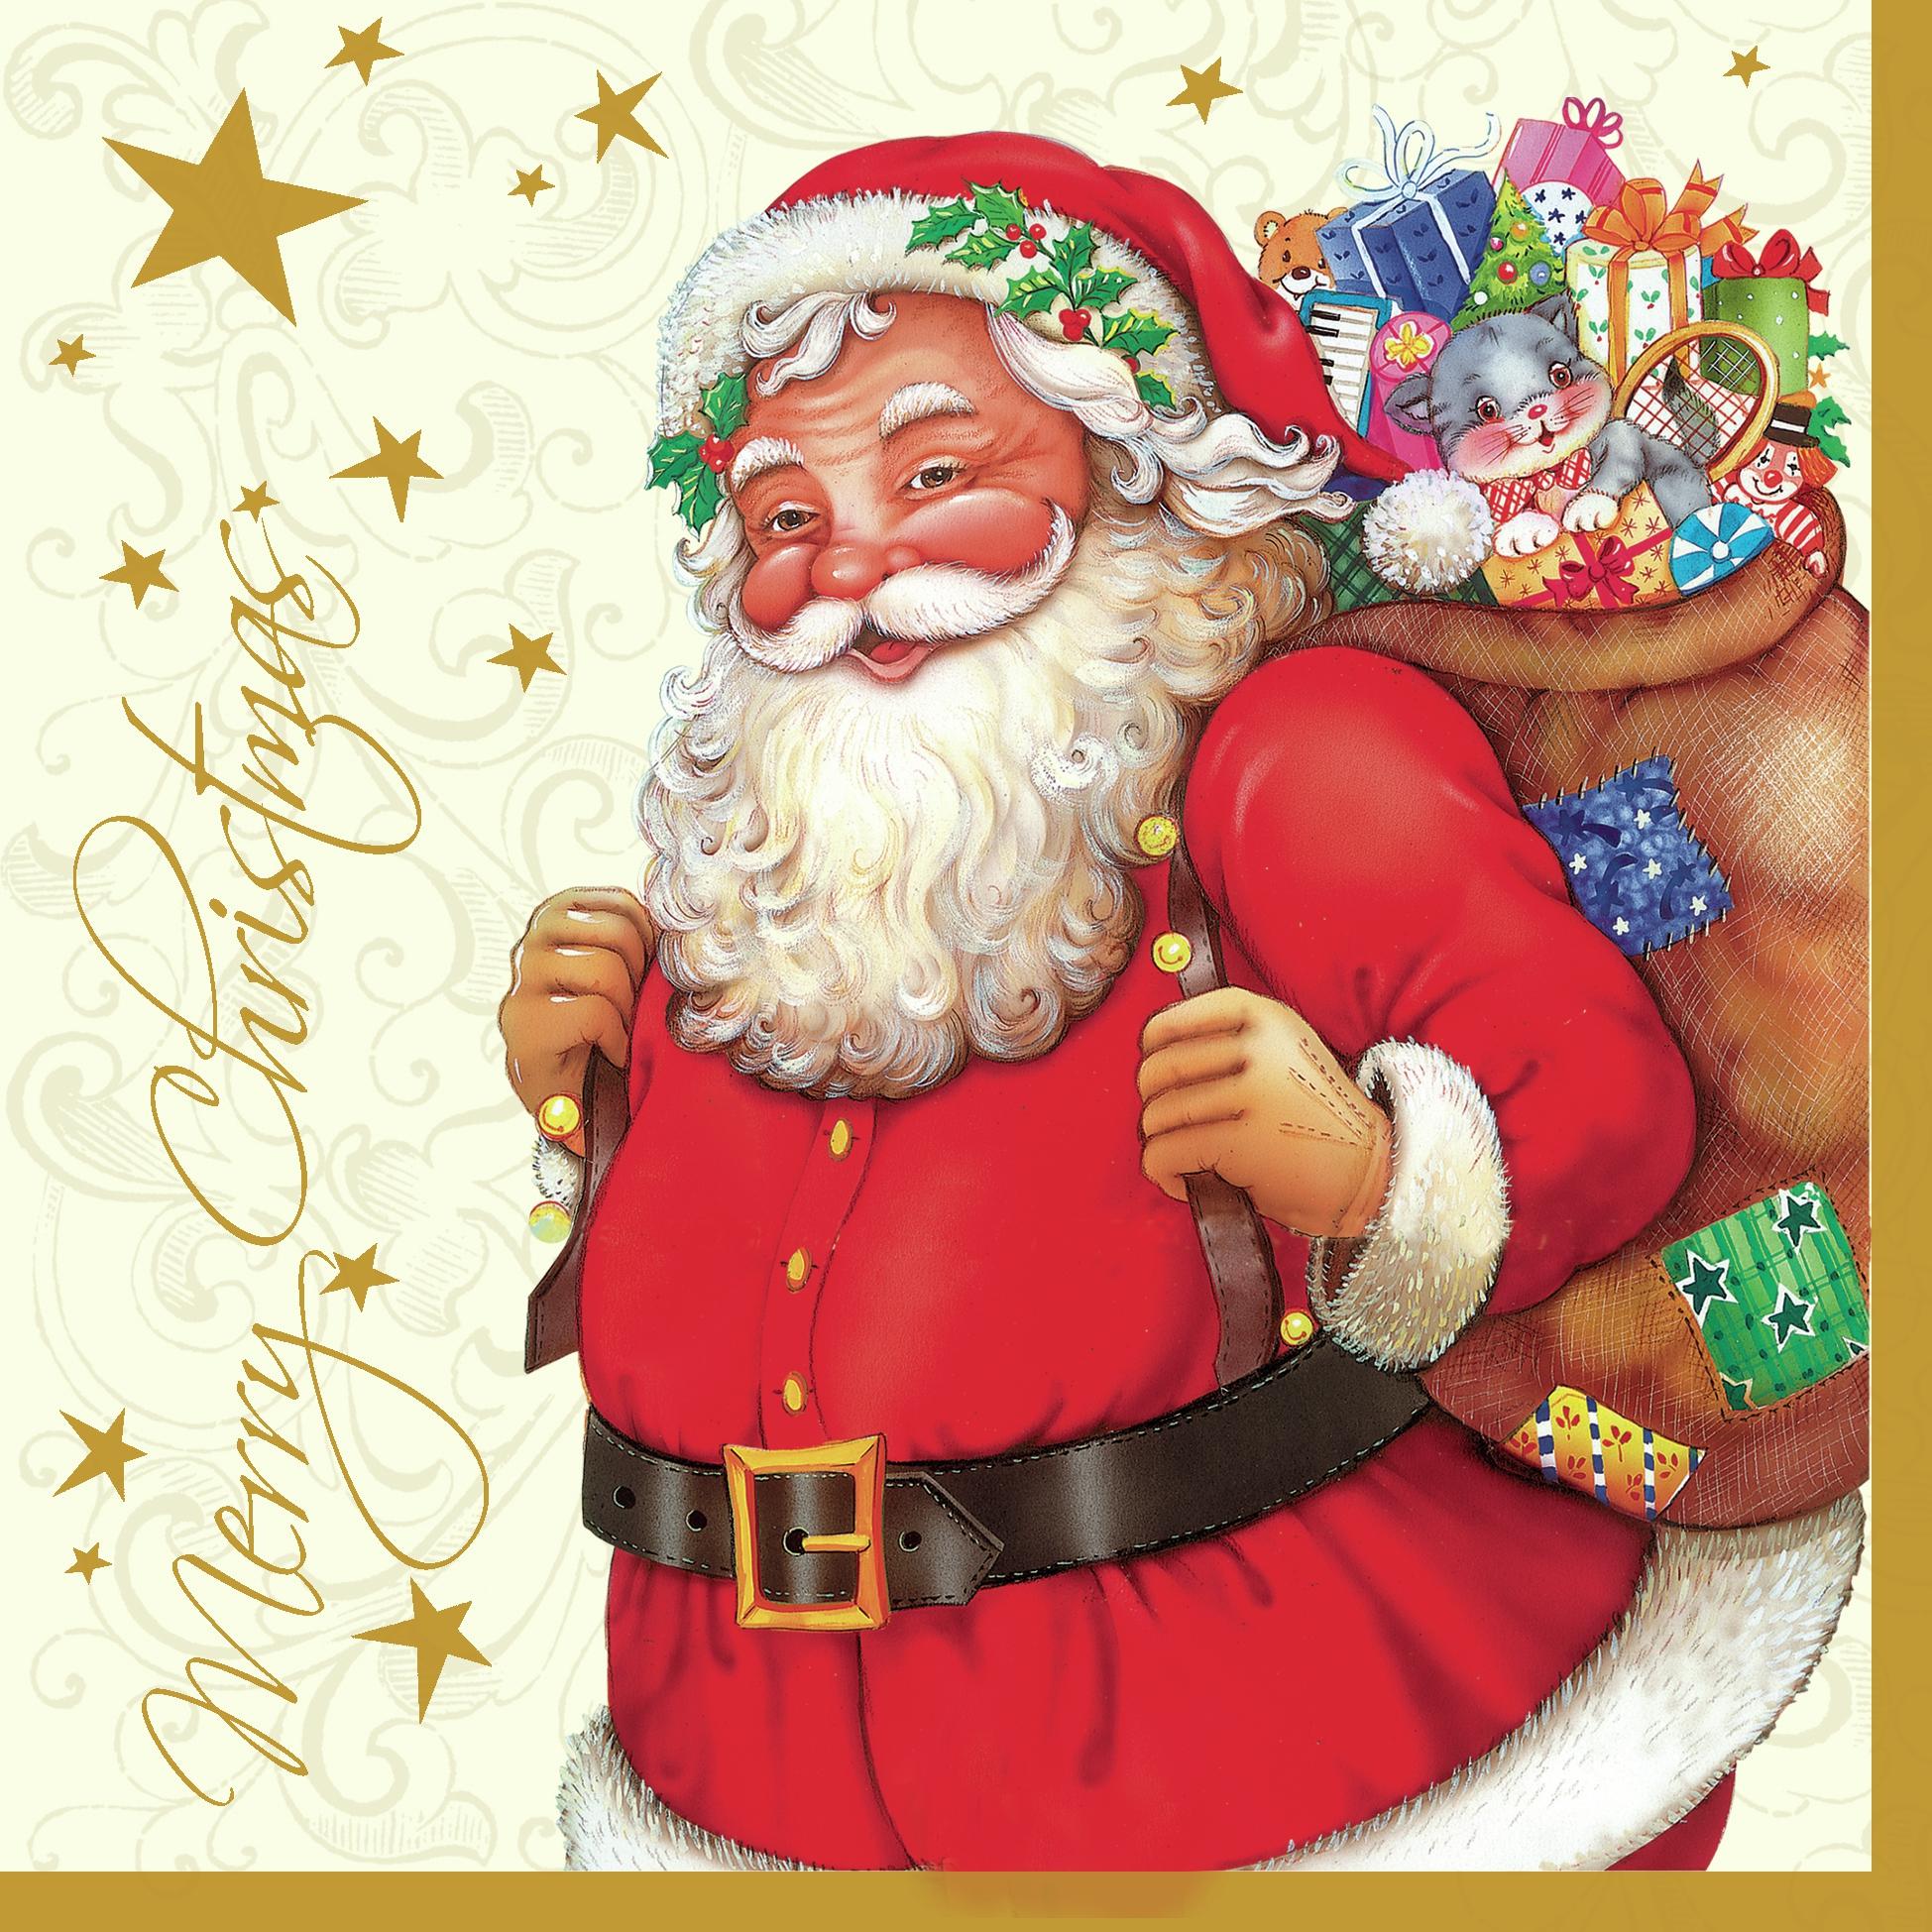 Lunch Servietten Santa cream,  Weihnachten - Geschenke,  Weihnachten - Sterne,  Weihnachten - Weihnachtsmann,  Weihnachten,  lunchservietten